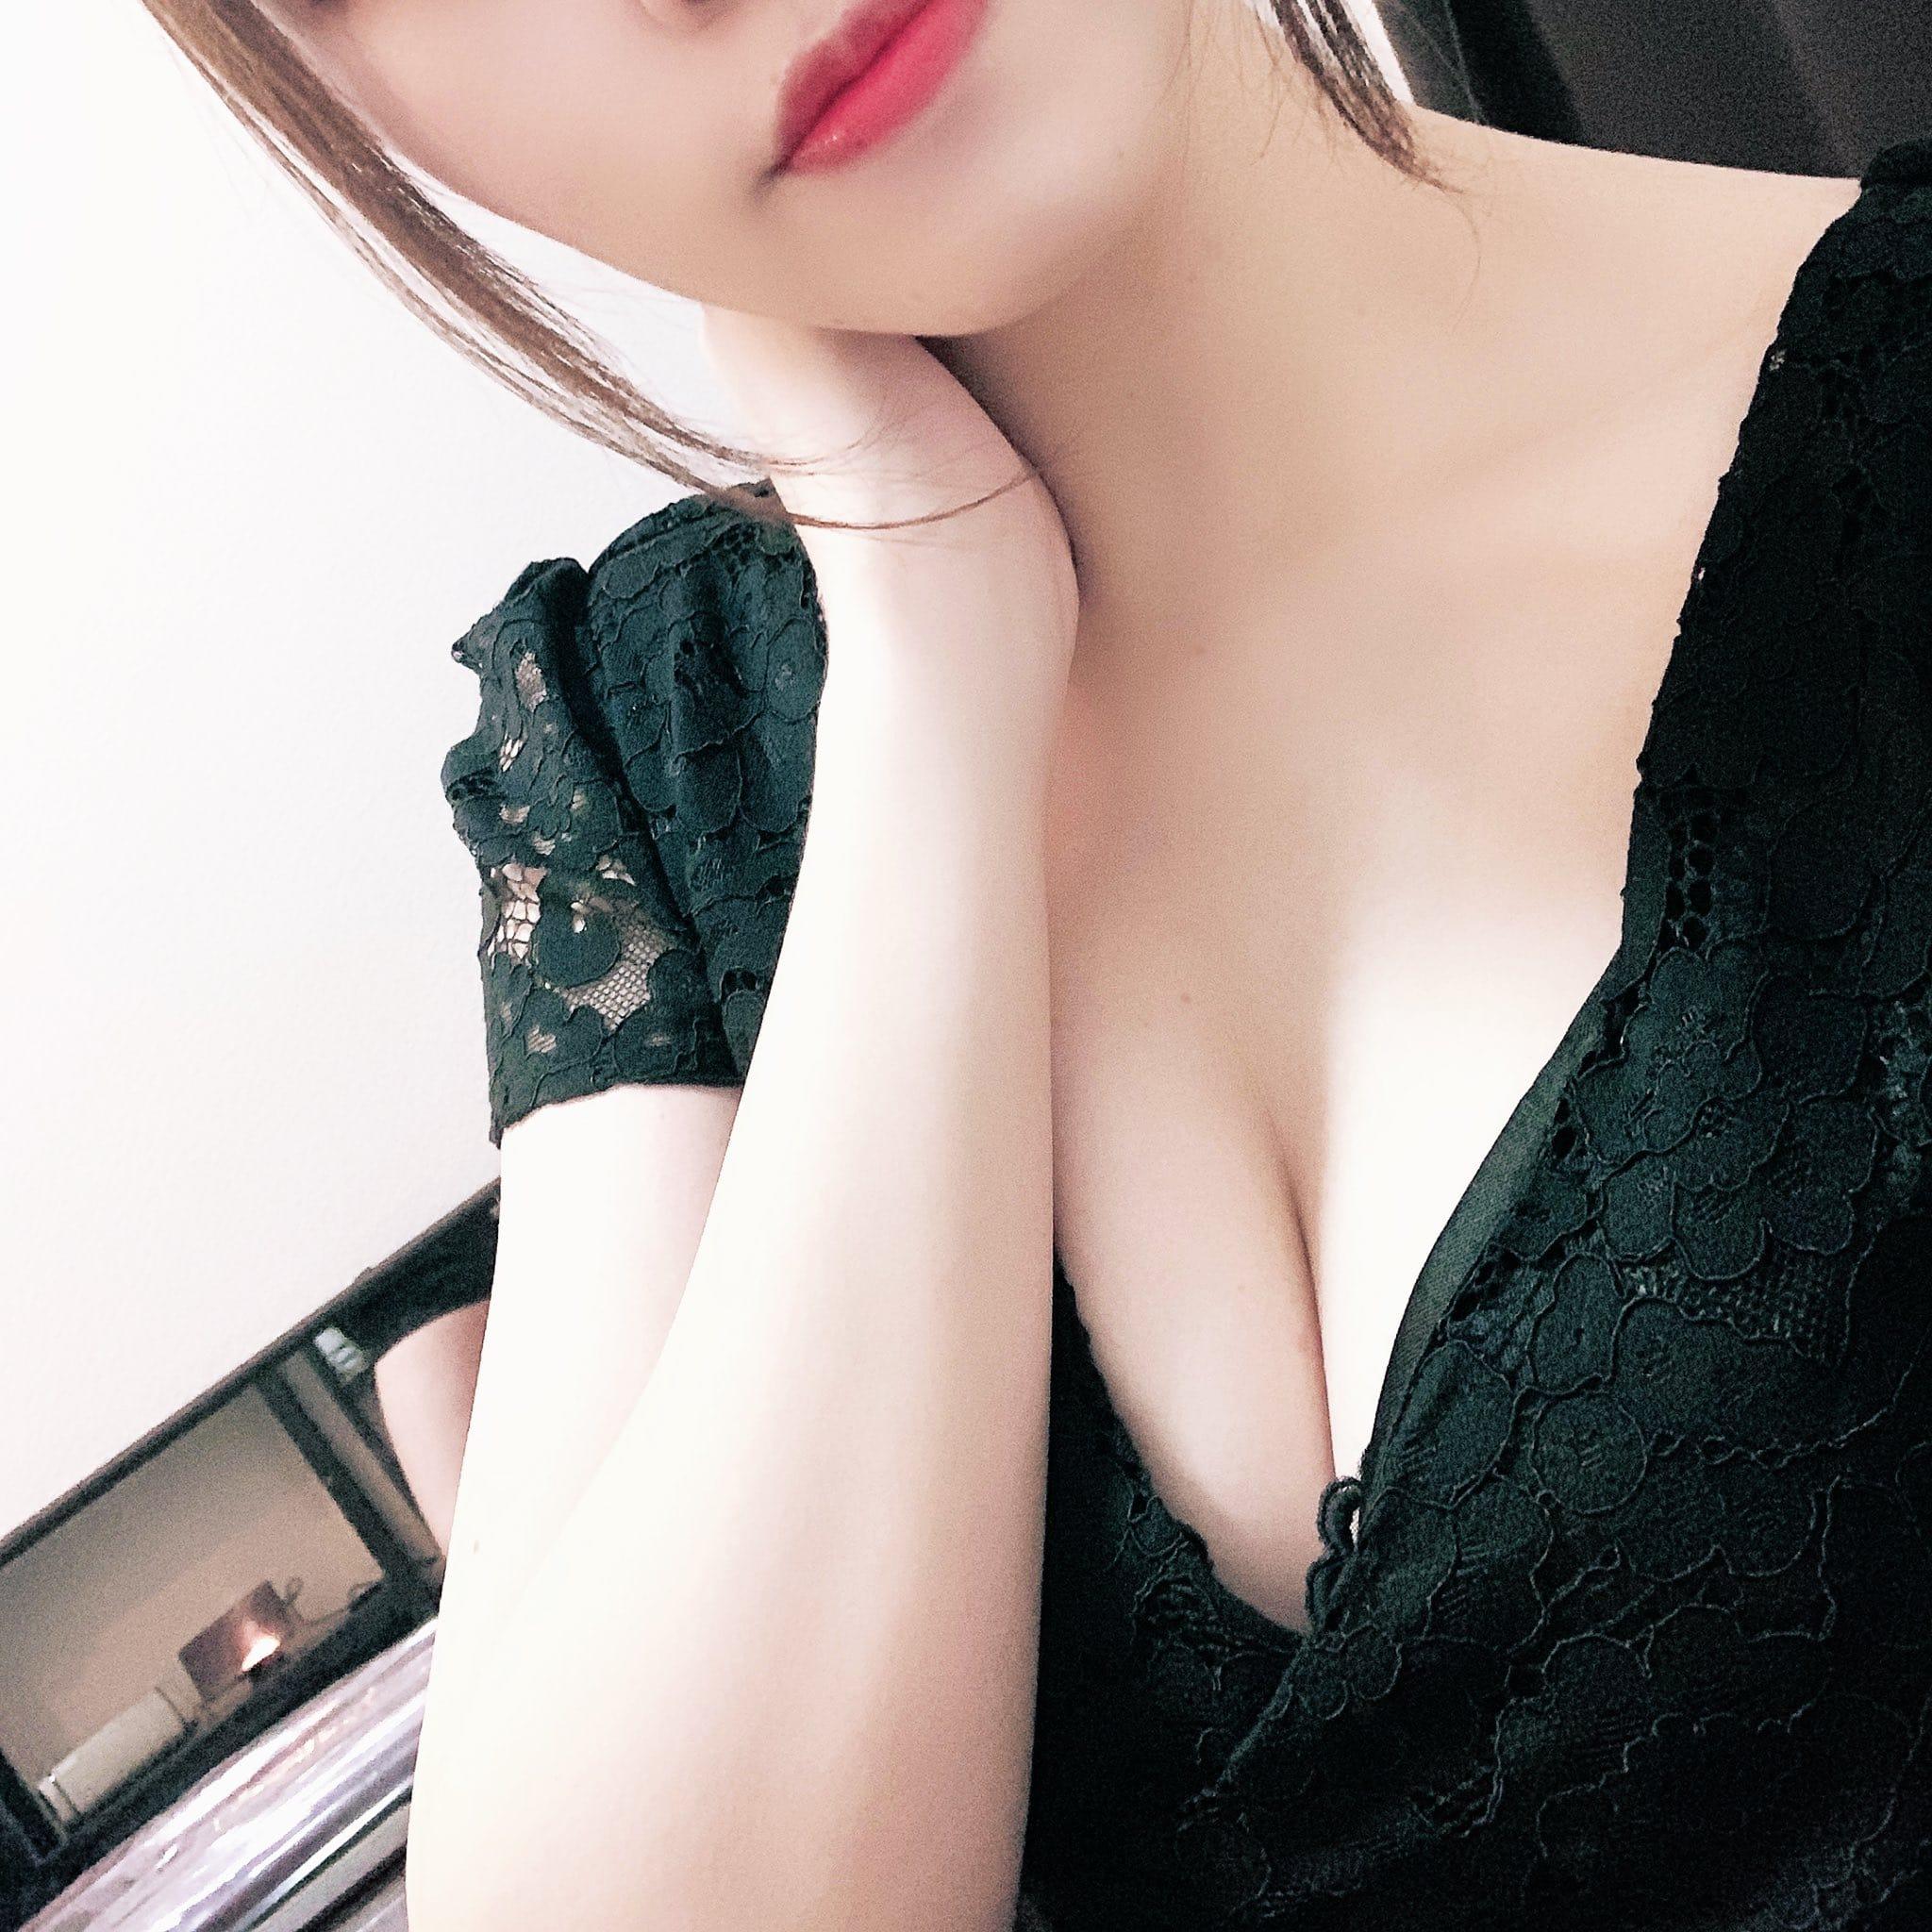 「めいです」01/11(月) 15:55 | 双葉 めいの写メ・風俗動画